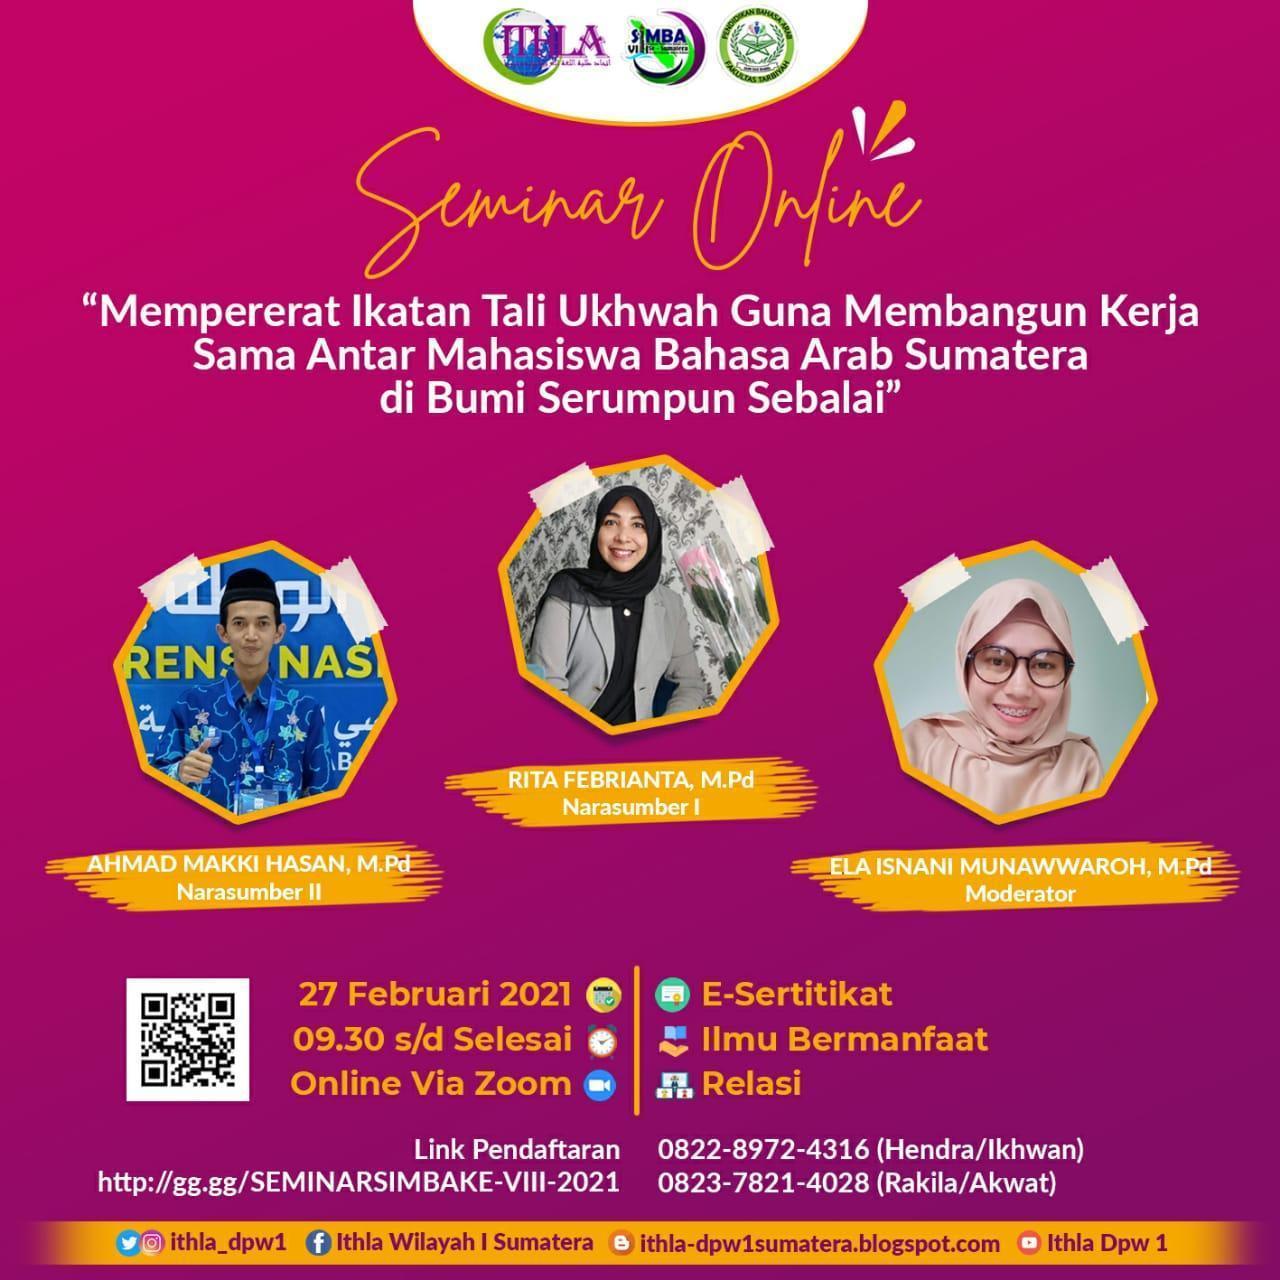 Mahasiswa Prodi PBA IAIN SAS Bangka Belitung adakan Seminar Nasional Online dalam kegiatan SIMBA ke VIII Wilayah Sumatera